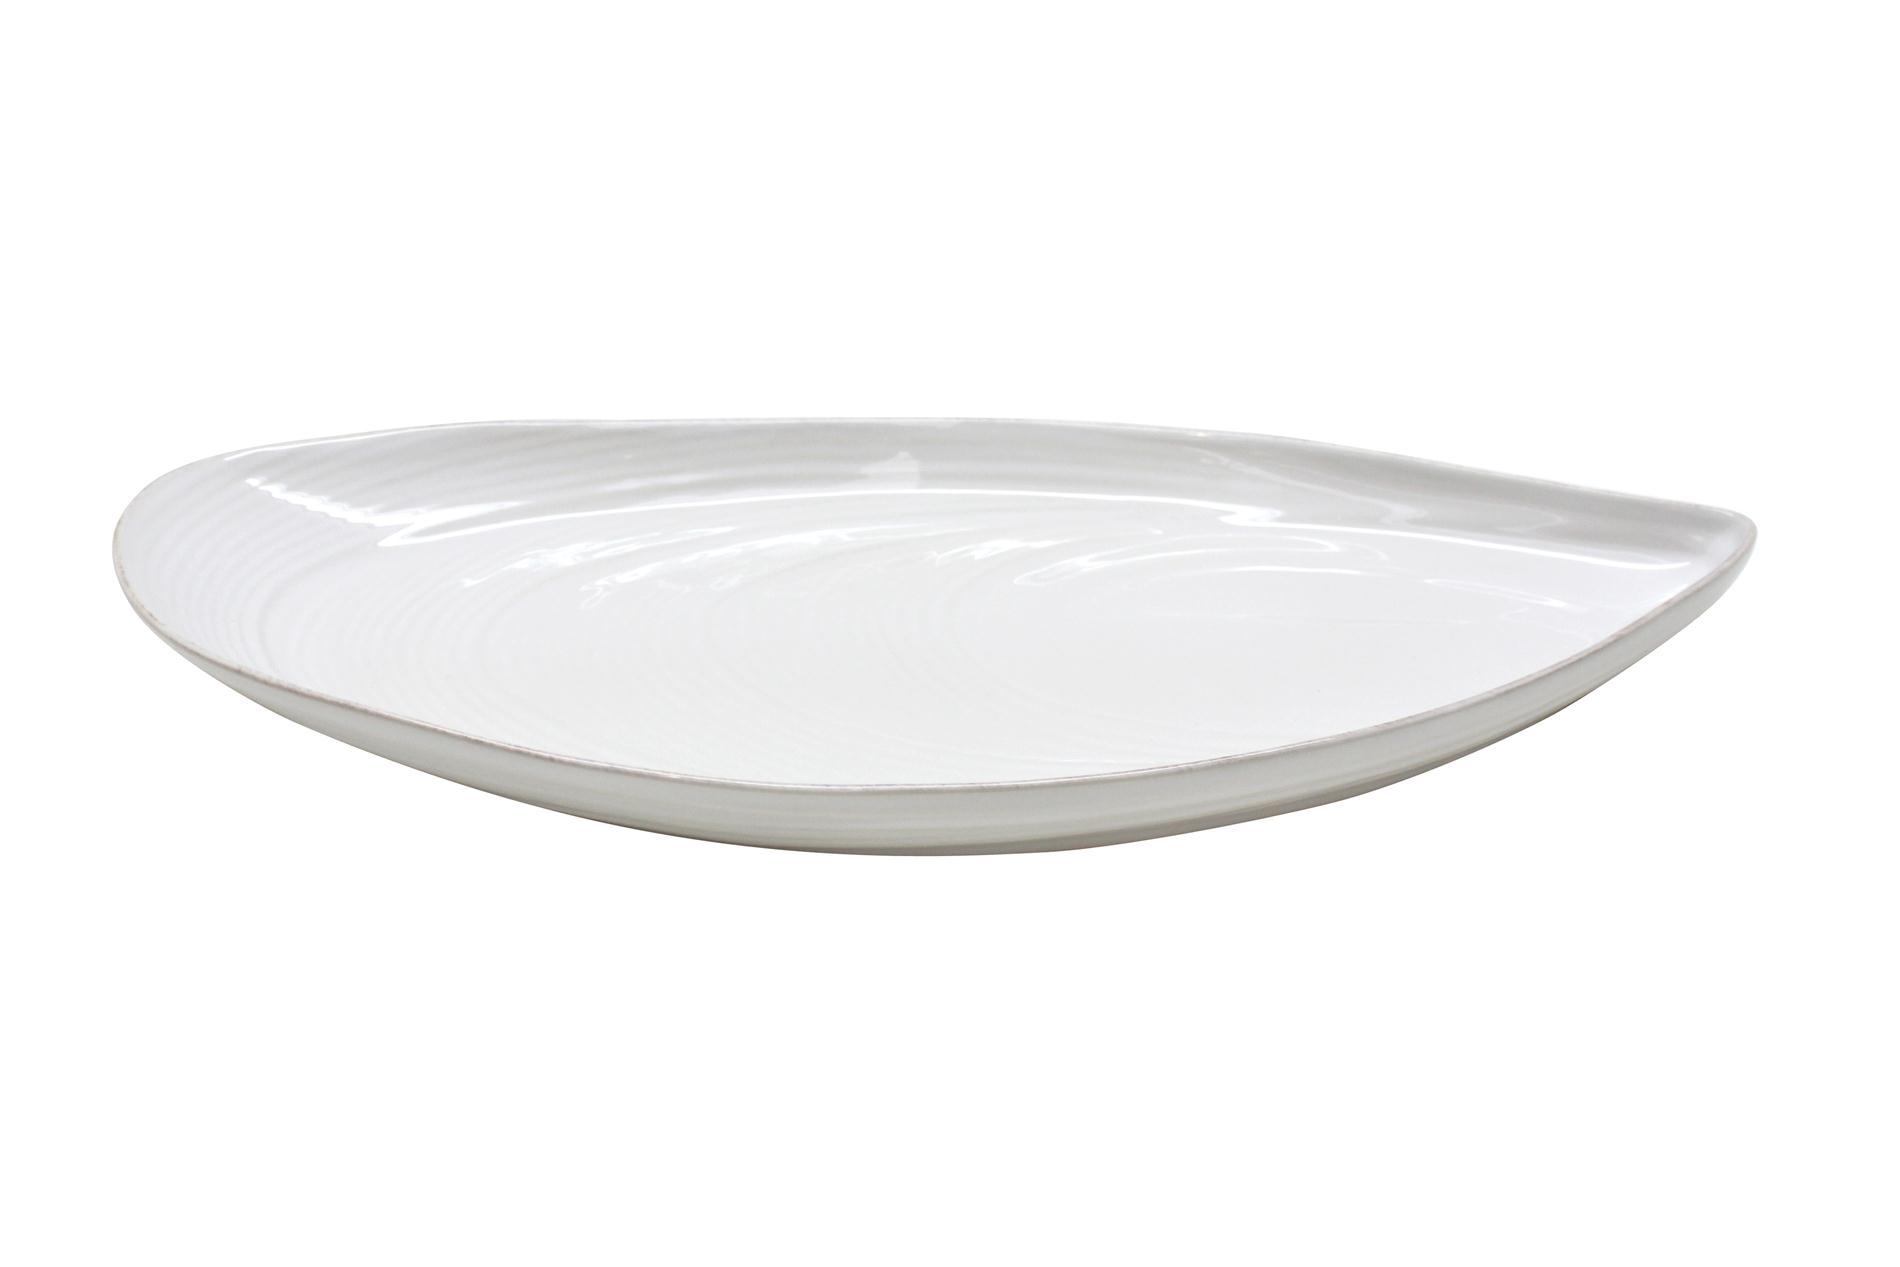 Platte/ Schale Muschelform, Mare, weiß, 45 cm